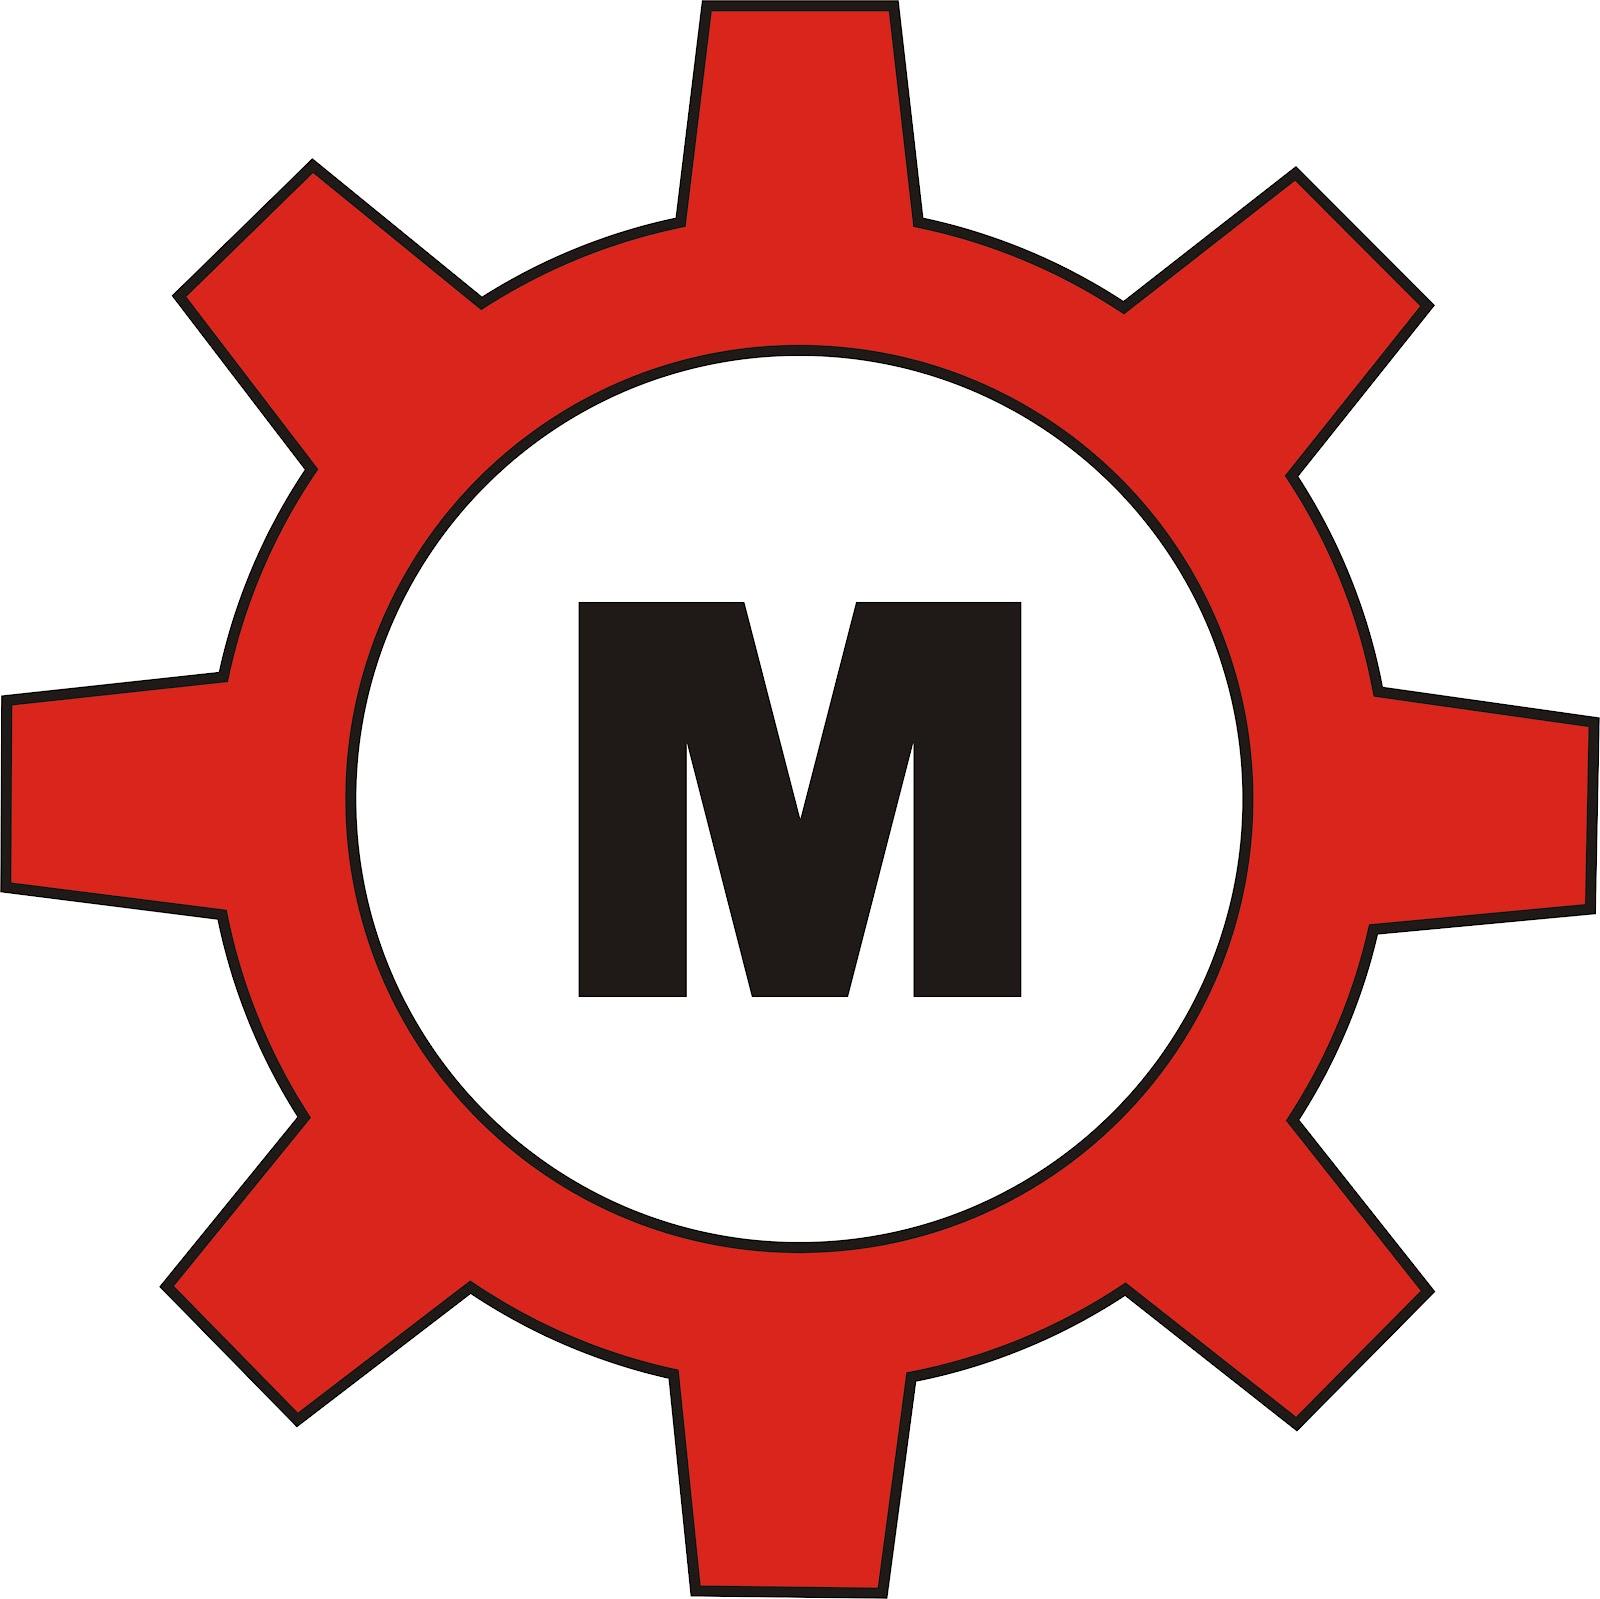 Teknik Pemesinan Smk Pgri 1 Ngawi Logo Smk Pgri 1 Ngawi